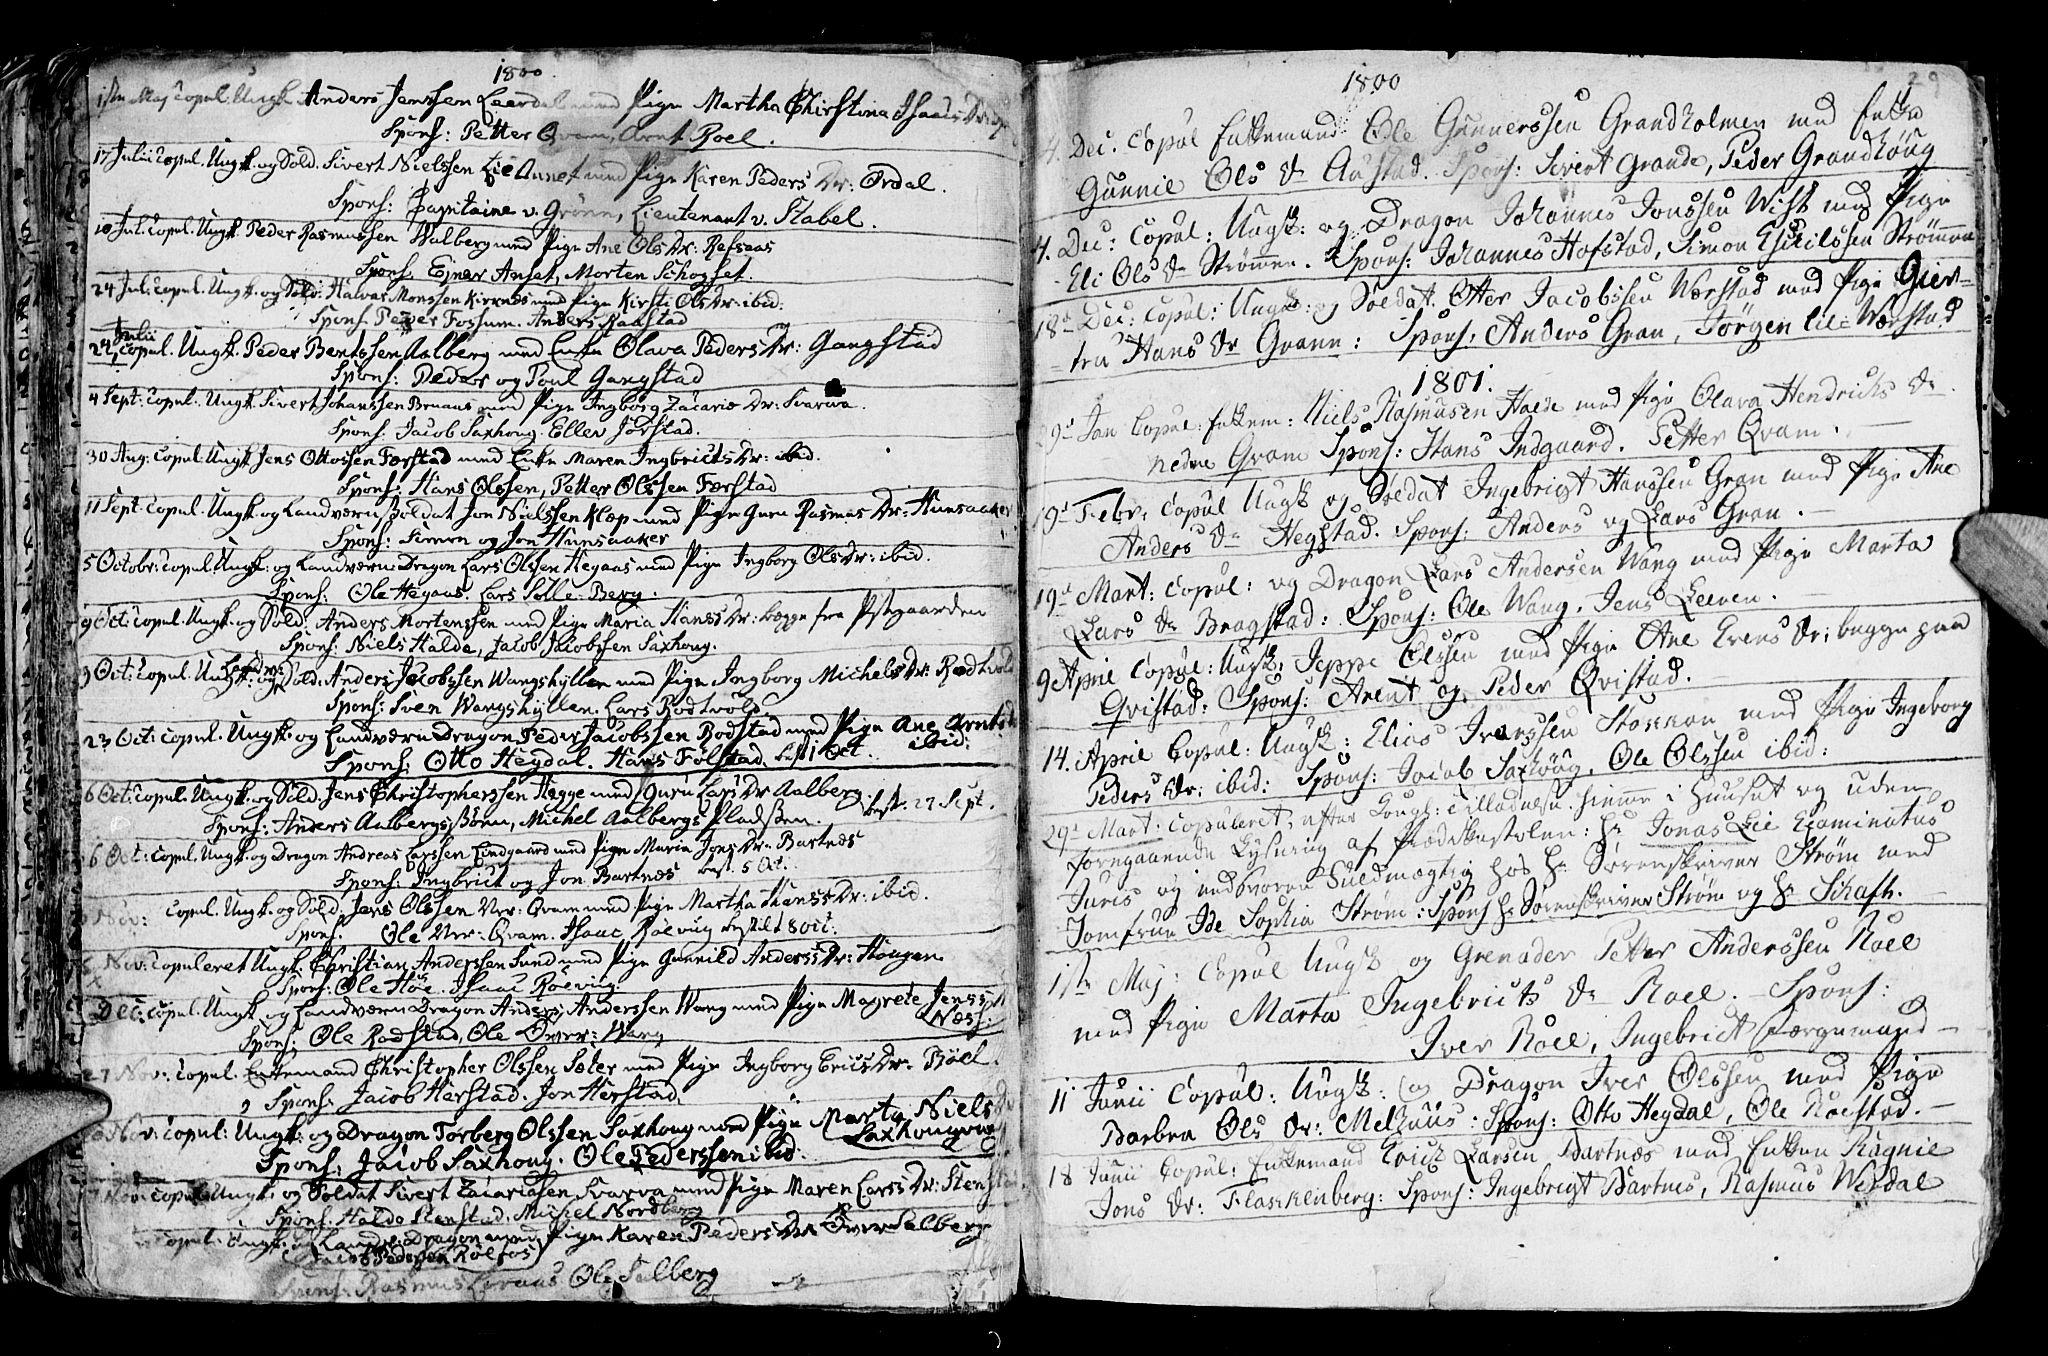 SAT, Ministerialprotokoller, klokkerbøker og fødselsregistre - Nord-Trøndelag, 730/L0273: Ministerialbok nr. 730A02, 1762-1802, s. 29